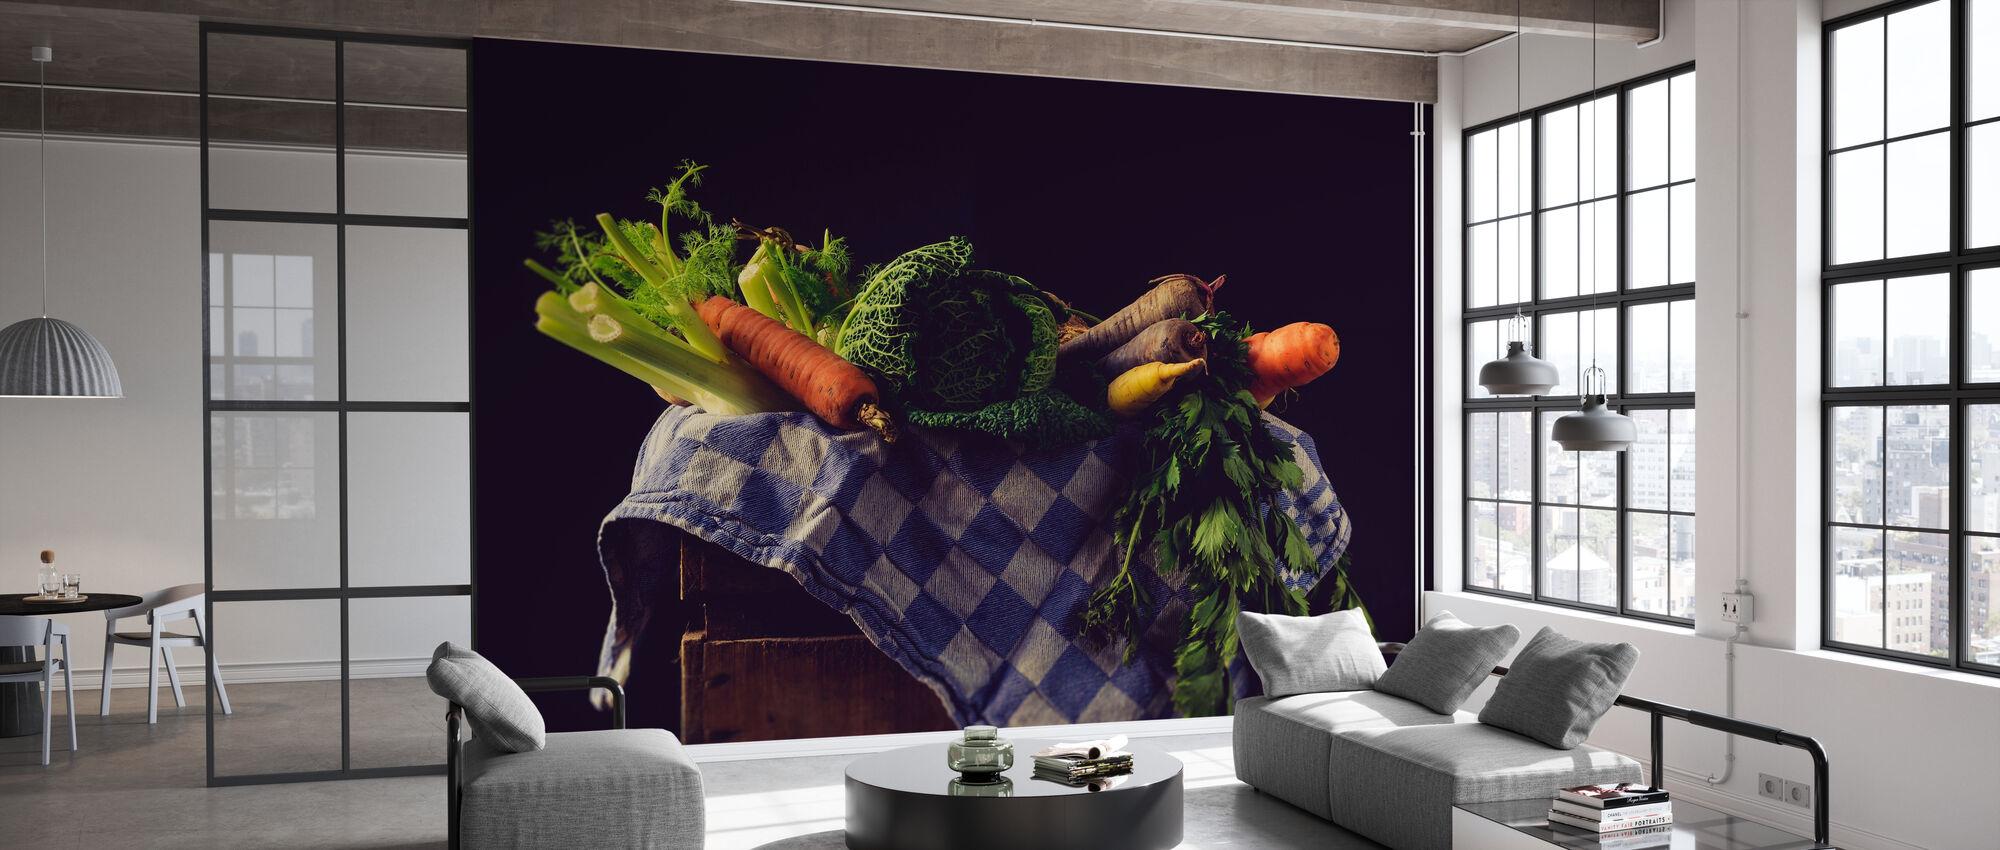 Gemüse - Tapete - Büro